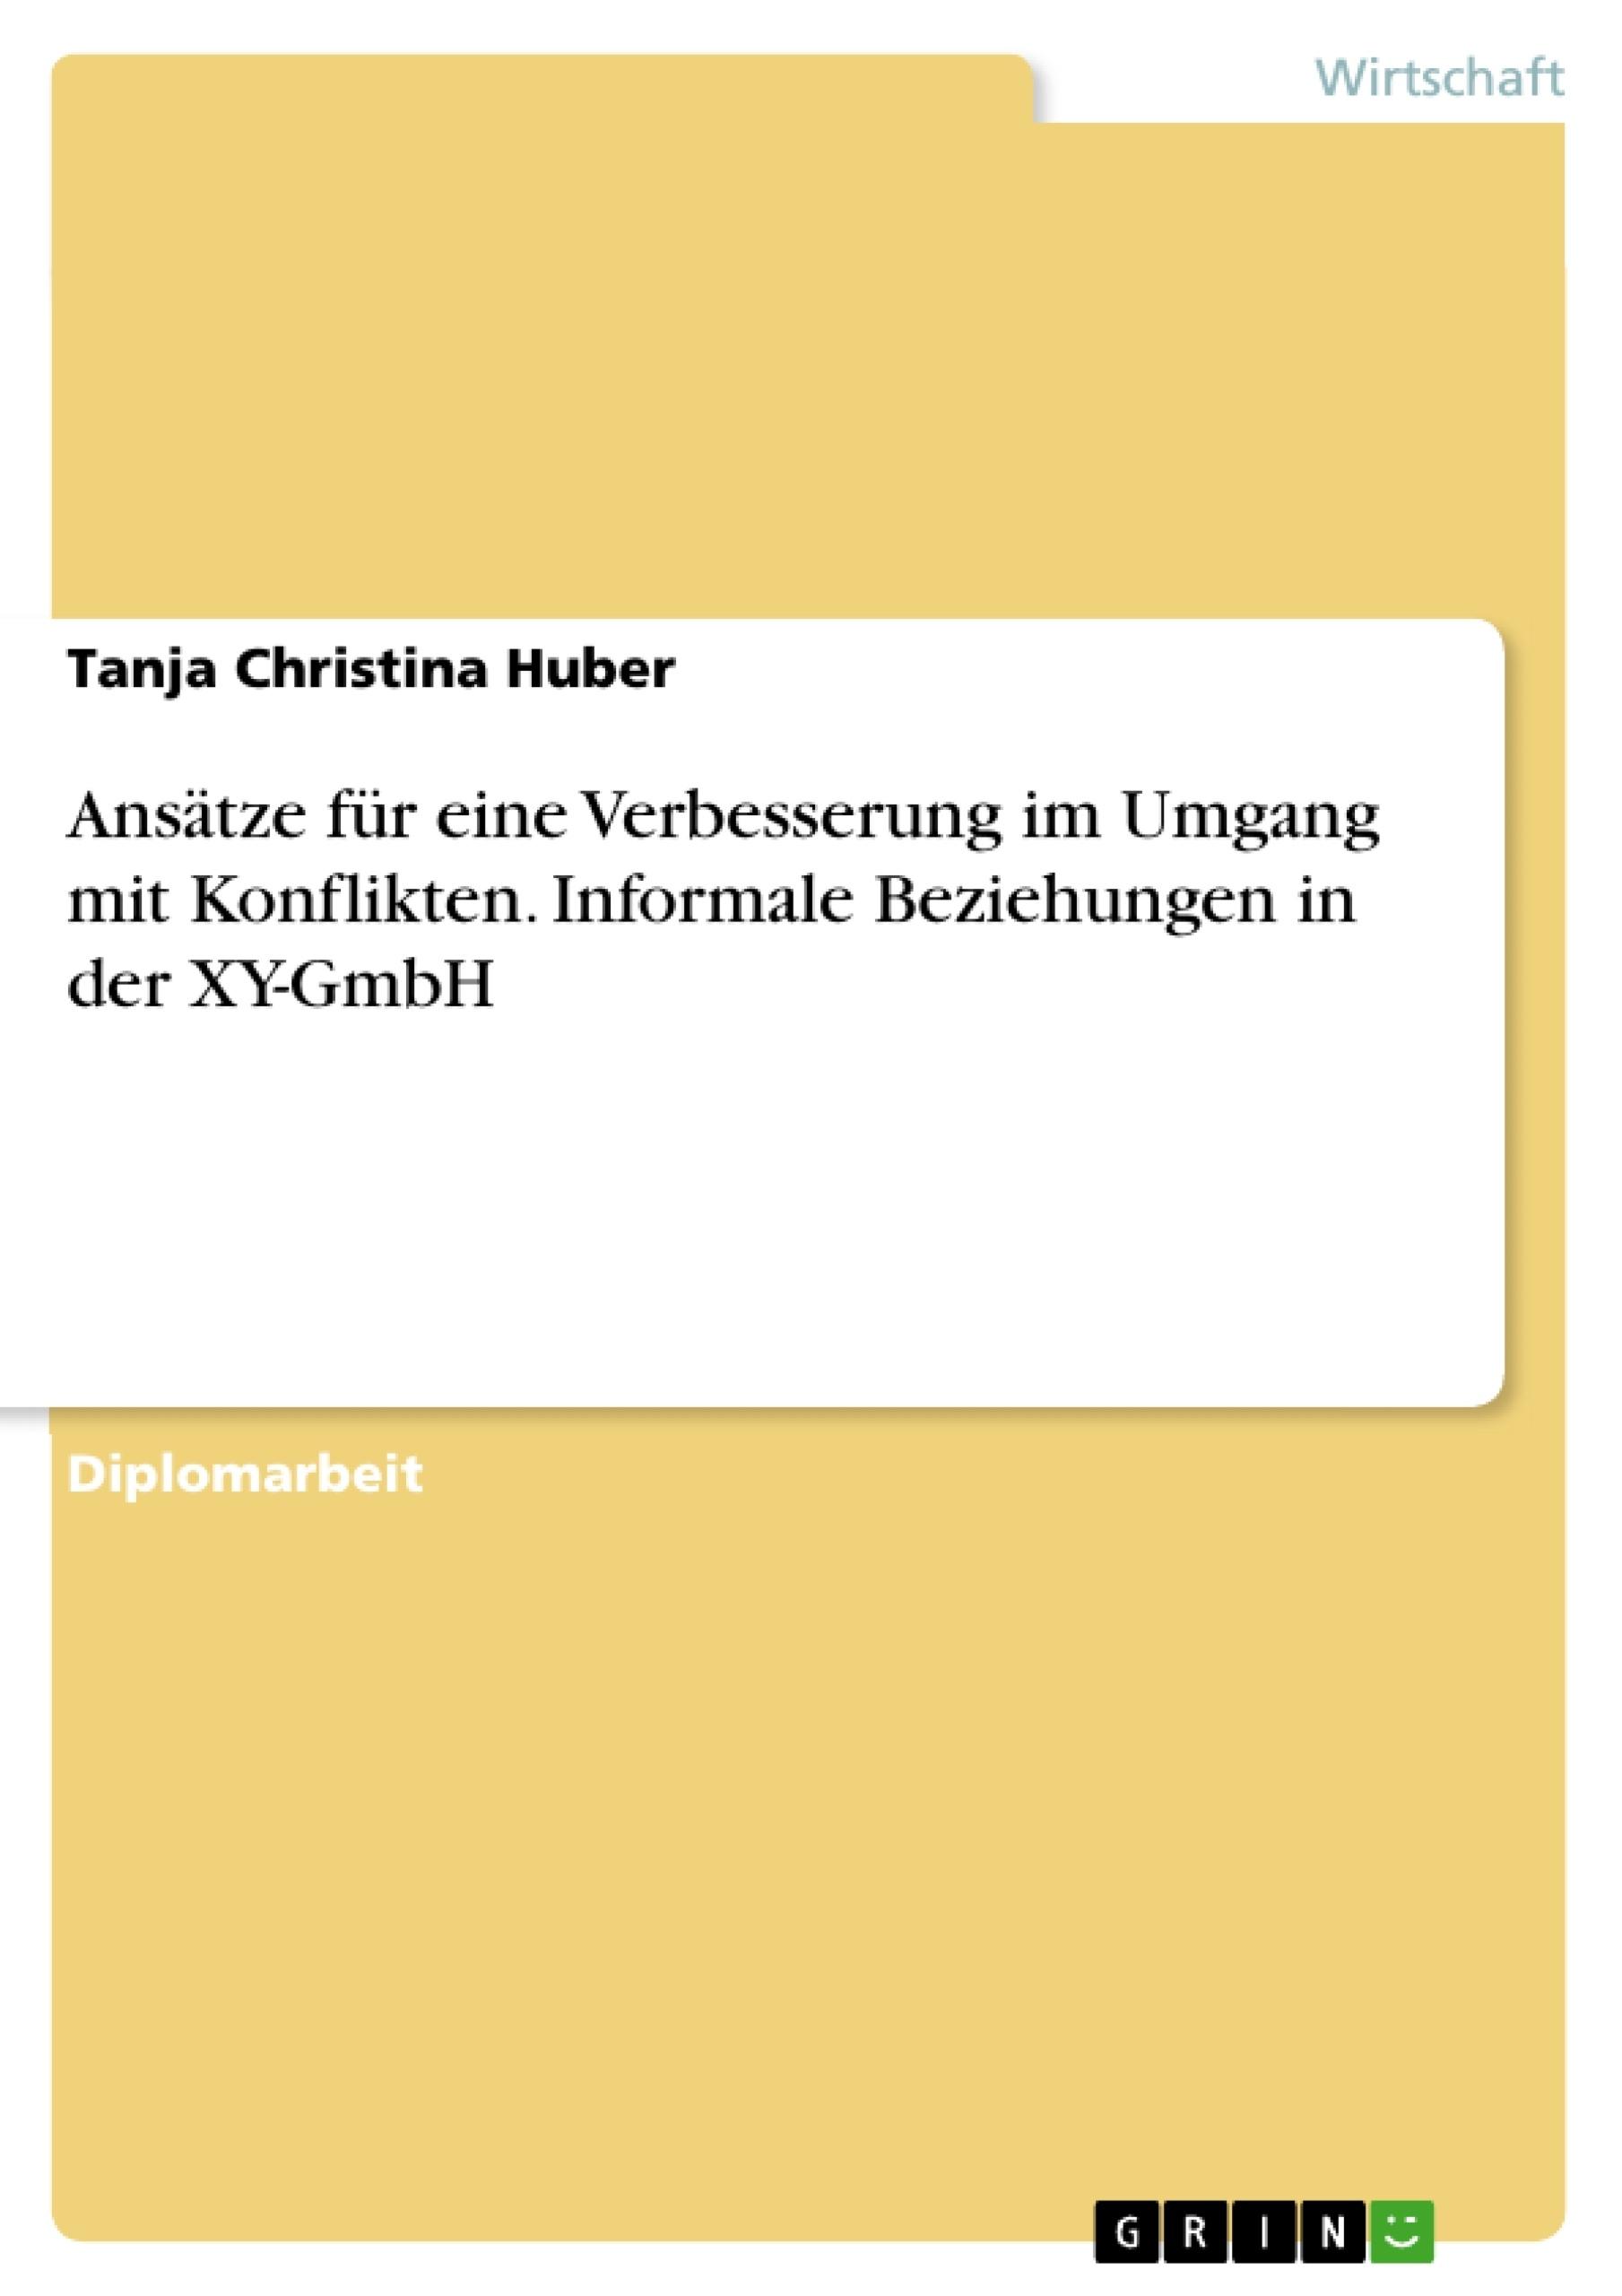 Titel: Ansätze für eine Verbesserung im Umgang mit Konflikten. Informale Beziehungen in der XY-GmbH